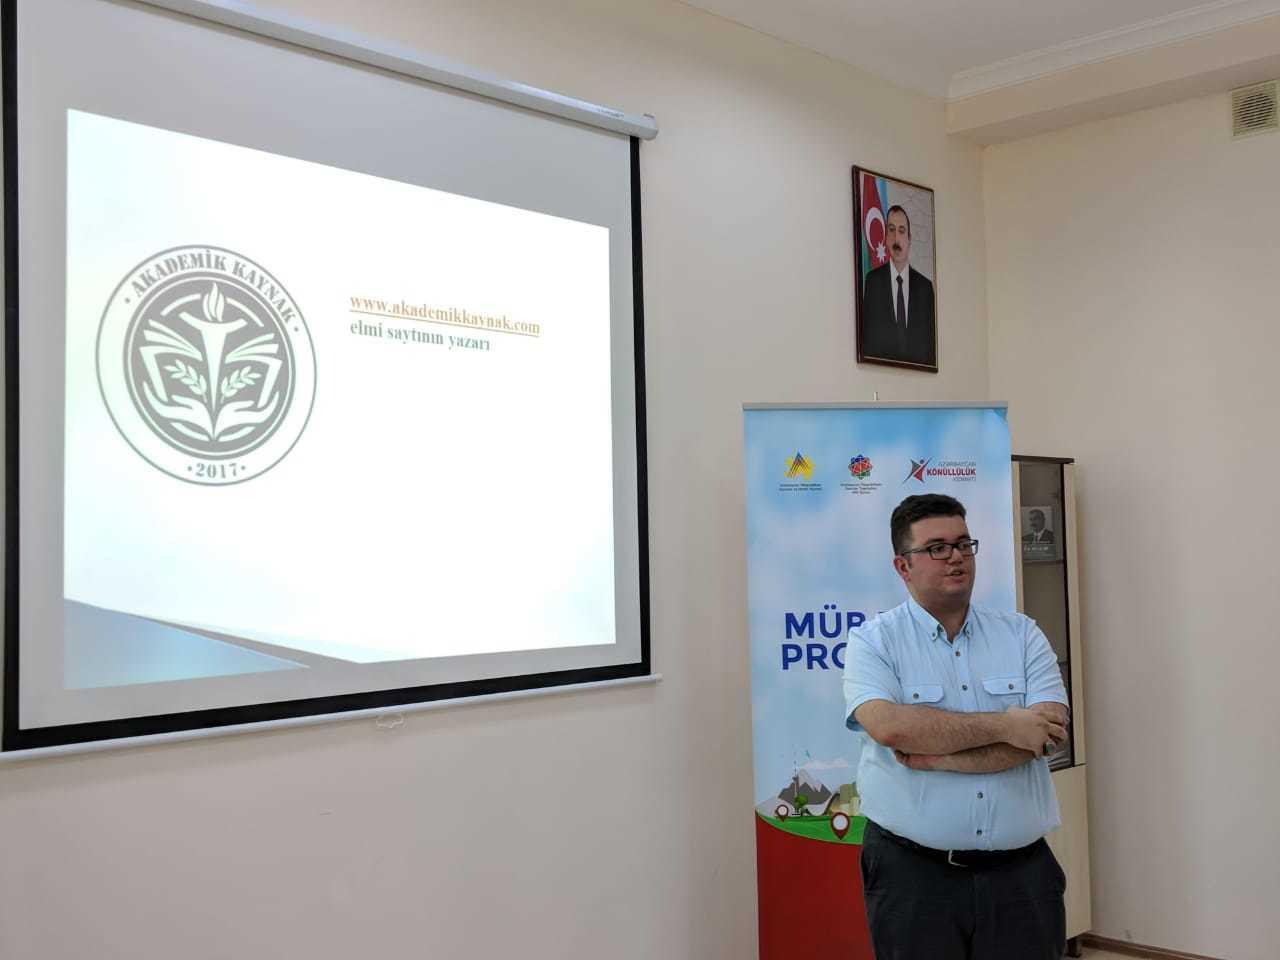 azerbaycan-tanitim Yazarımız Aslan Azimzadeh, Azerbaycan Mingeçevir'de Tanıtımımızı Gerçekleştirdi